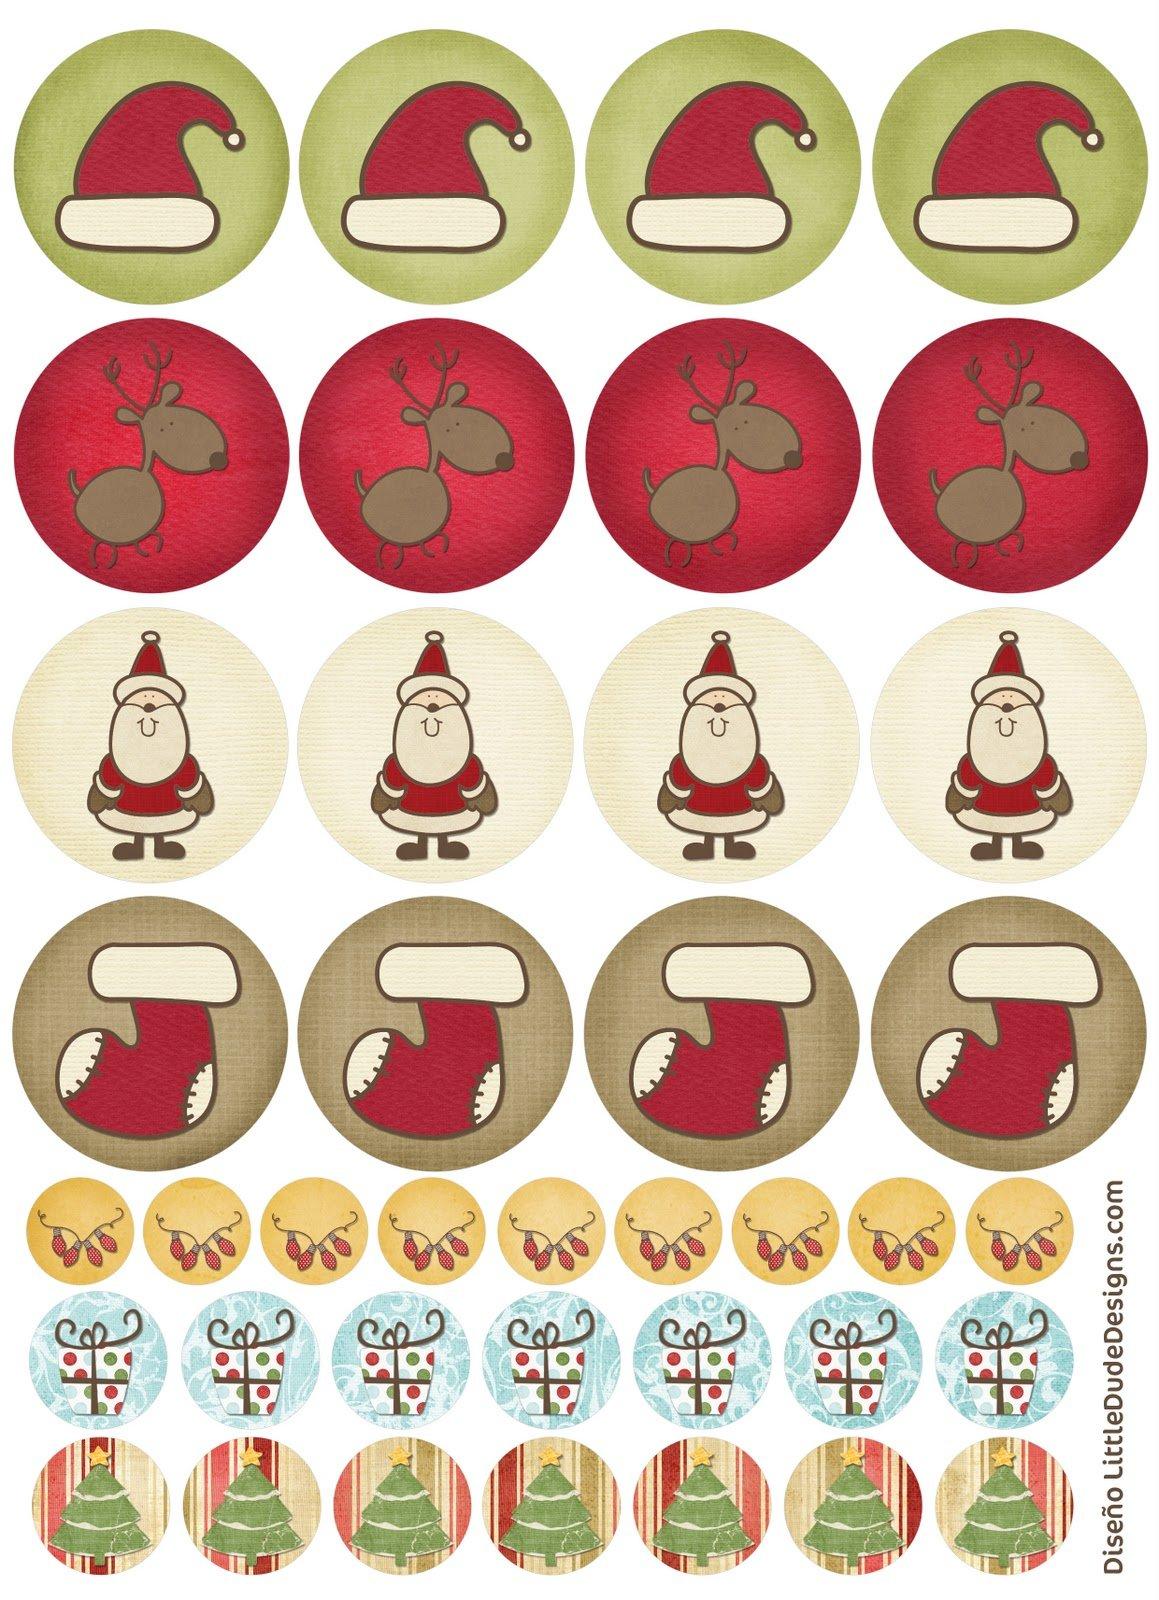 Tarjetas etiquetas y pegatinas de navidad para imprimir - Decorar fotos de navidad gratis ...